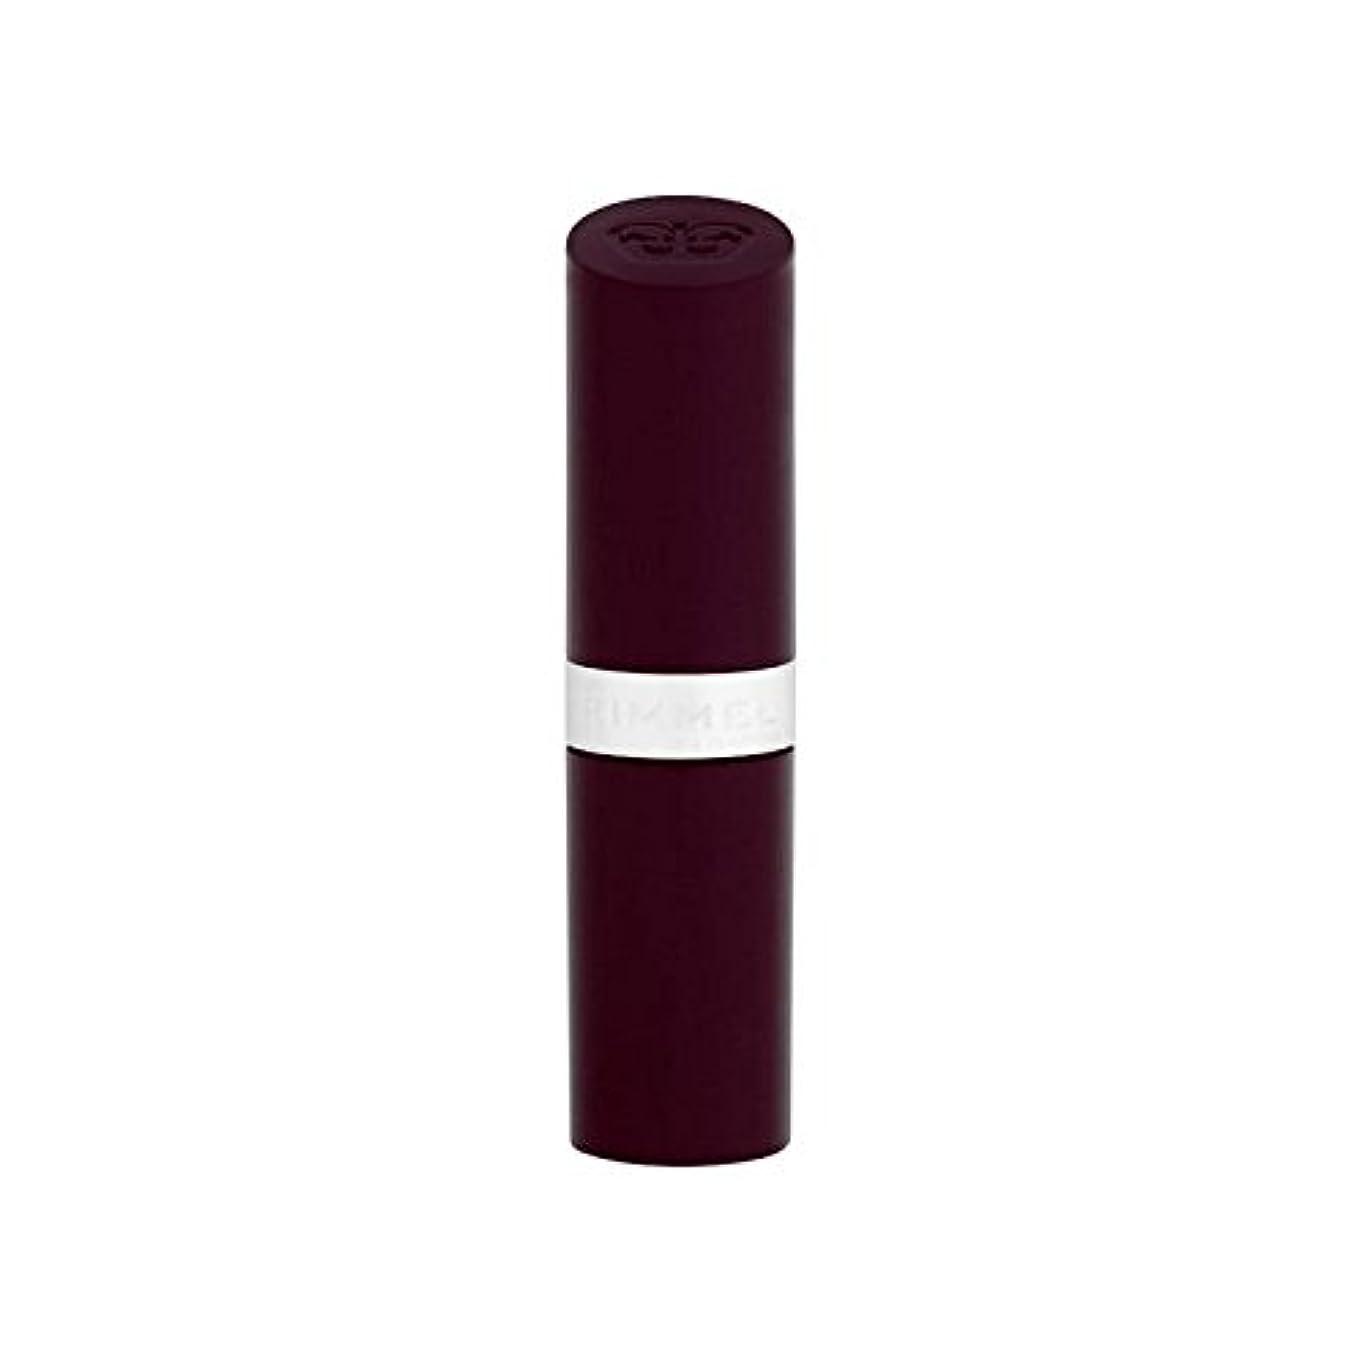 要旨競合他社選手ビタミンRimmel Lasting Finish Lipstick Amethyst Shimmer 84 - リンメル持続的な仕上げの口紅アメジストきらめき84 [並行輸入品]